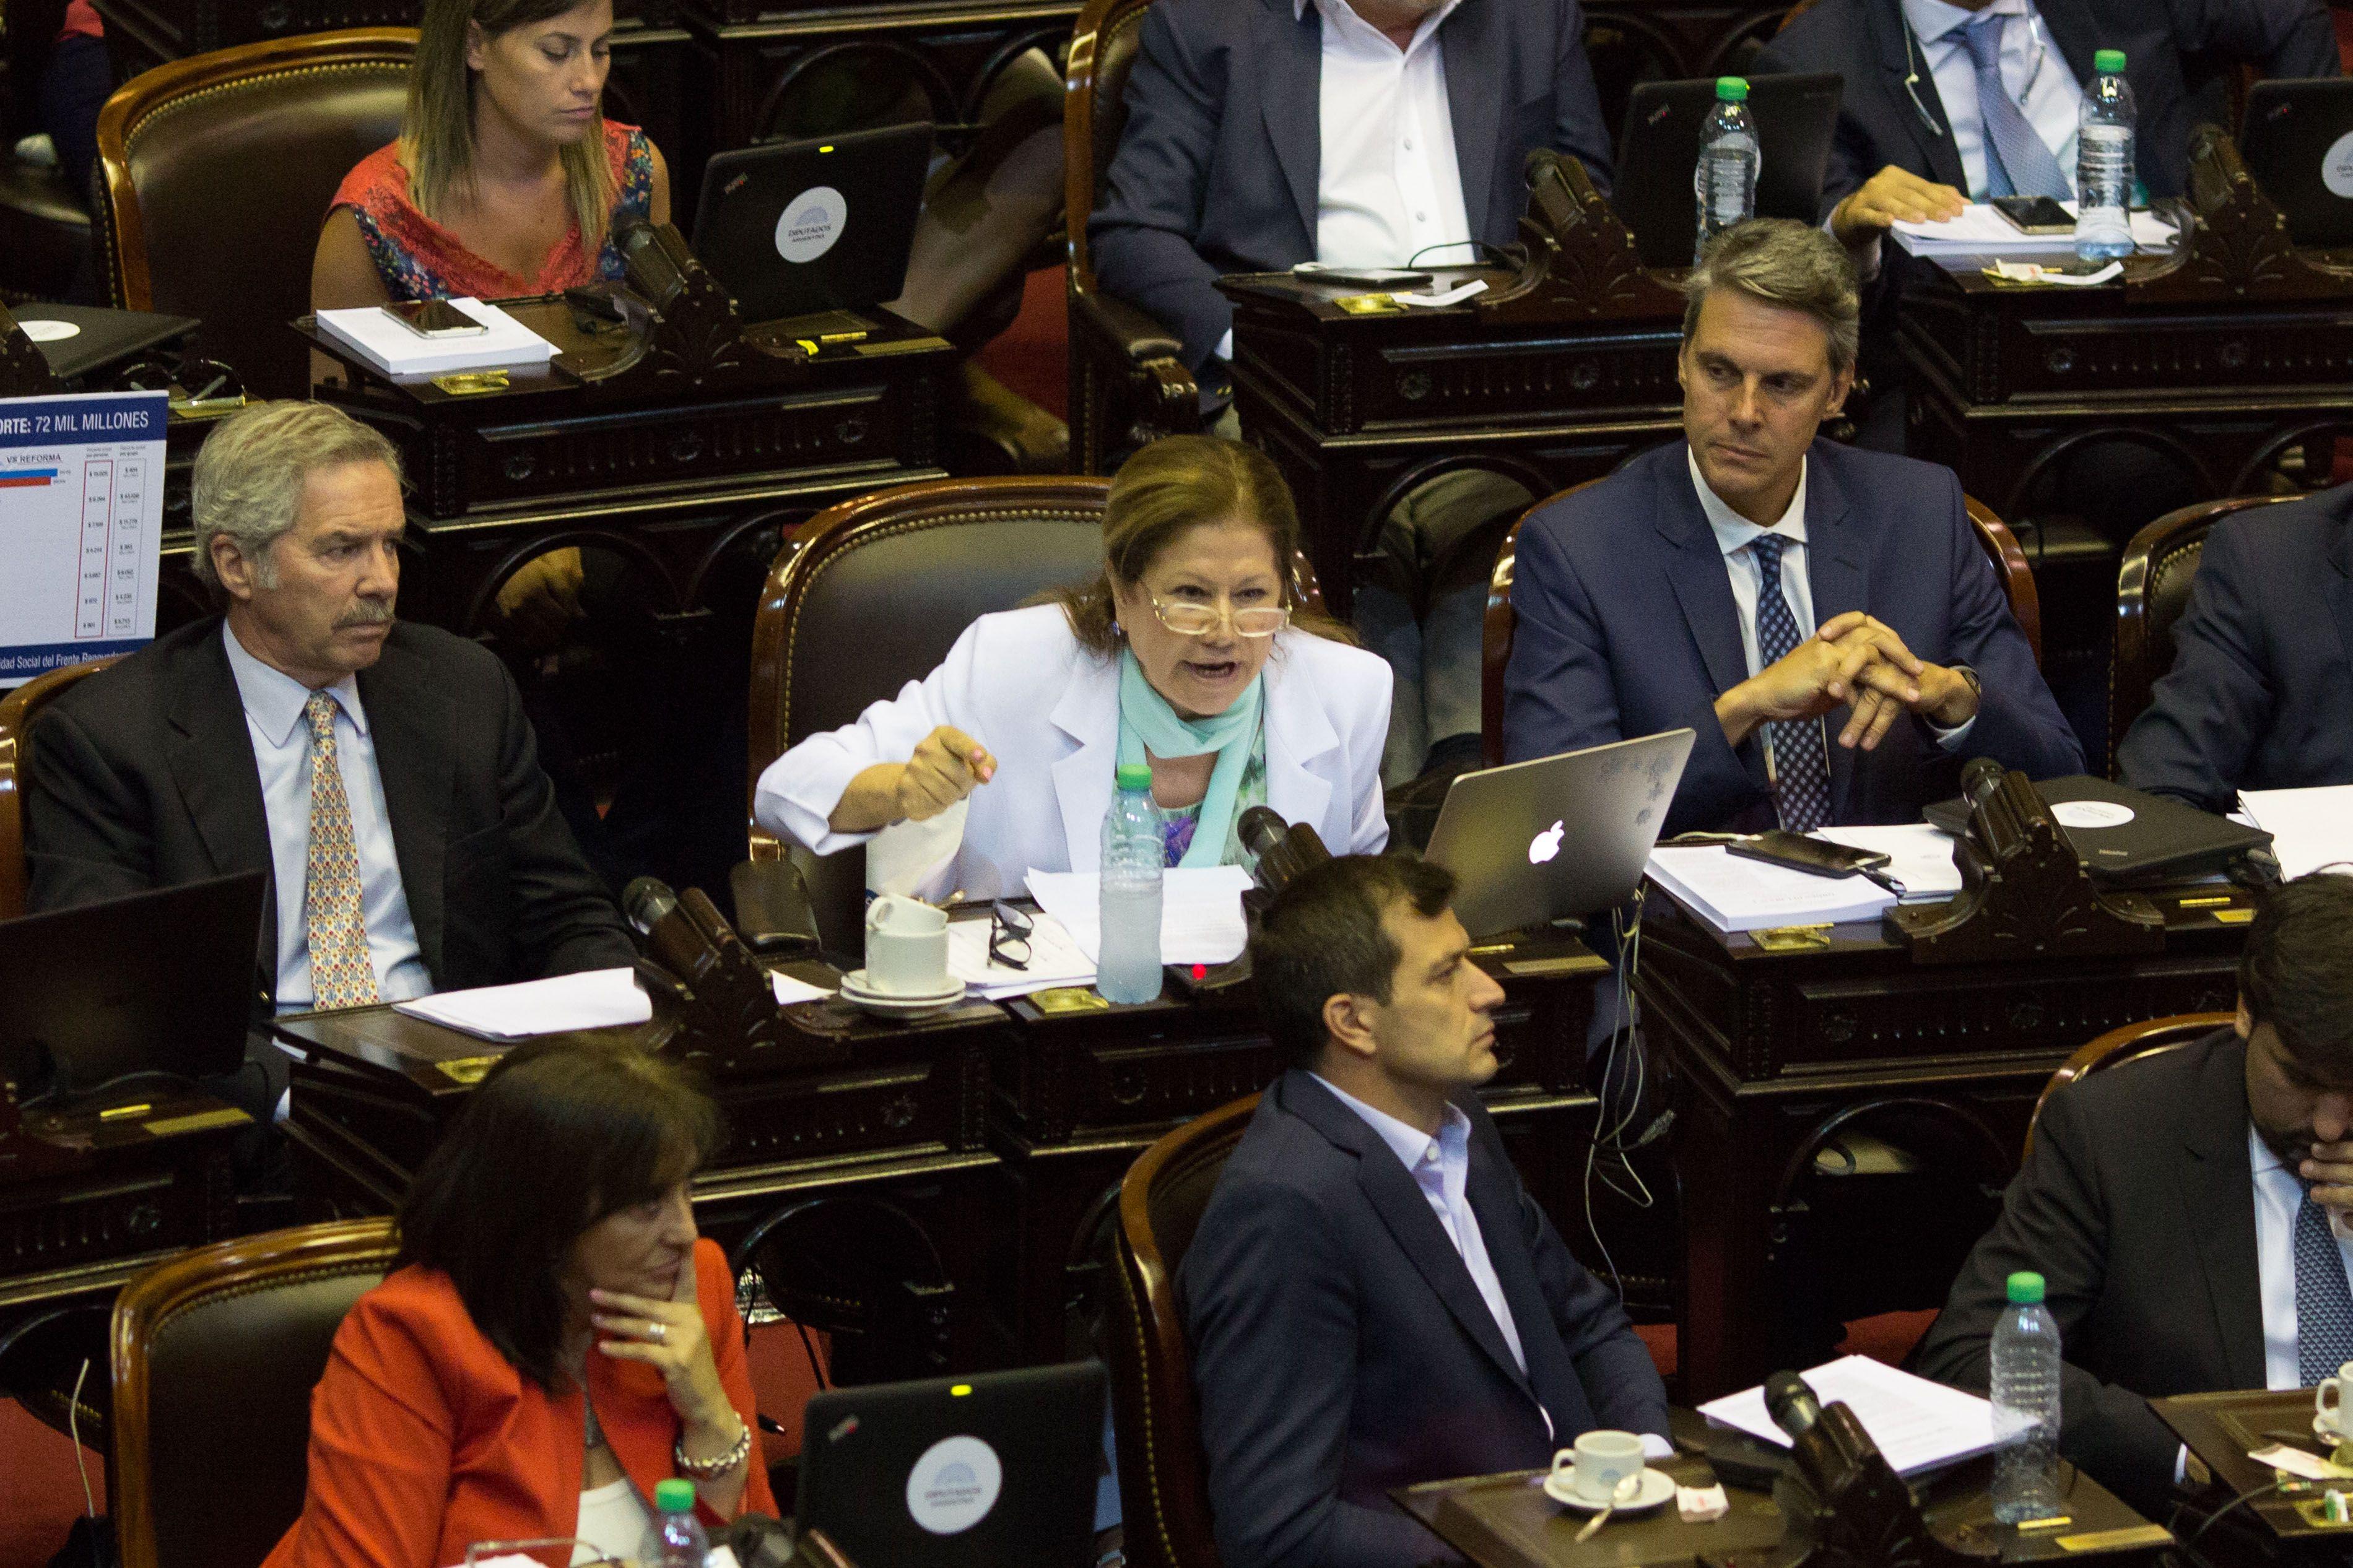 La oposición no logra bajar la sesión y la reforma jubilatoria se discute en Diputados